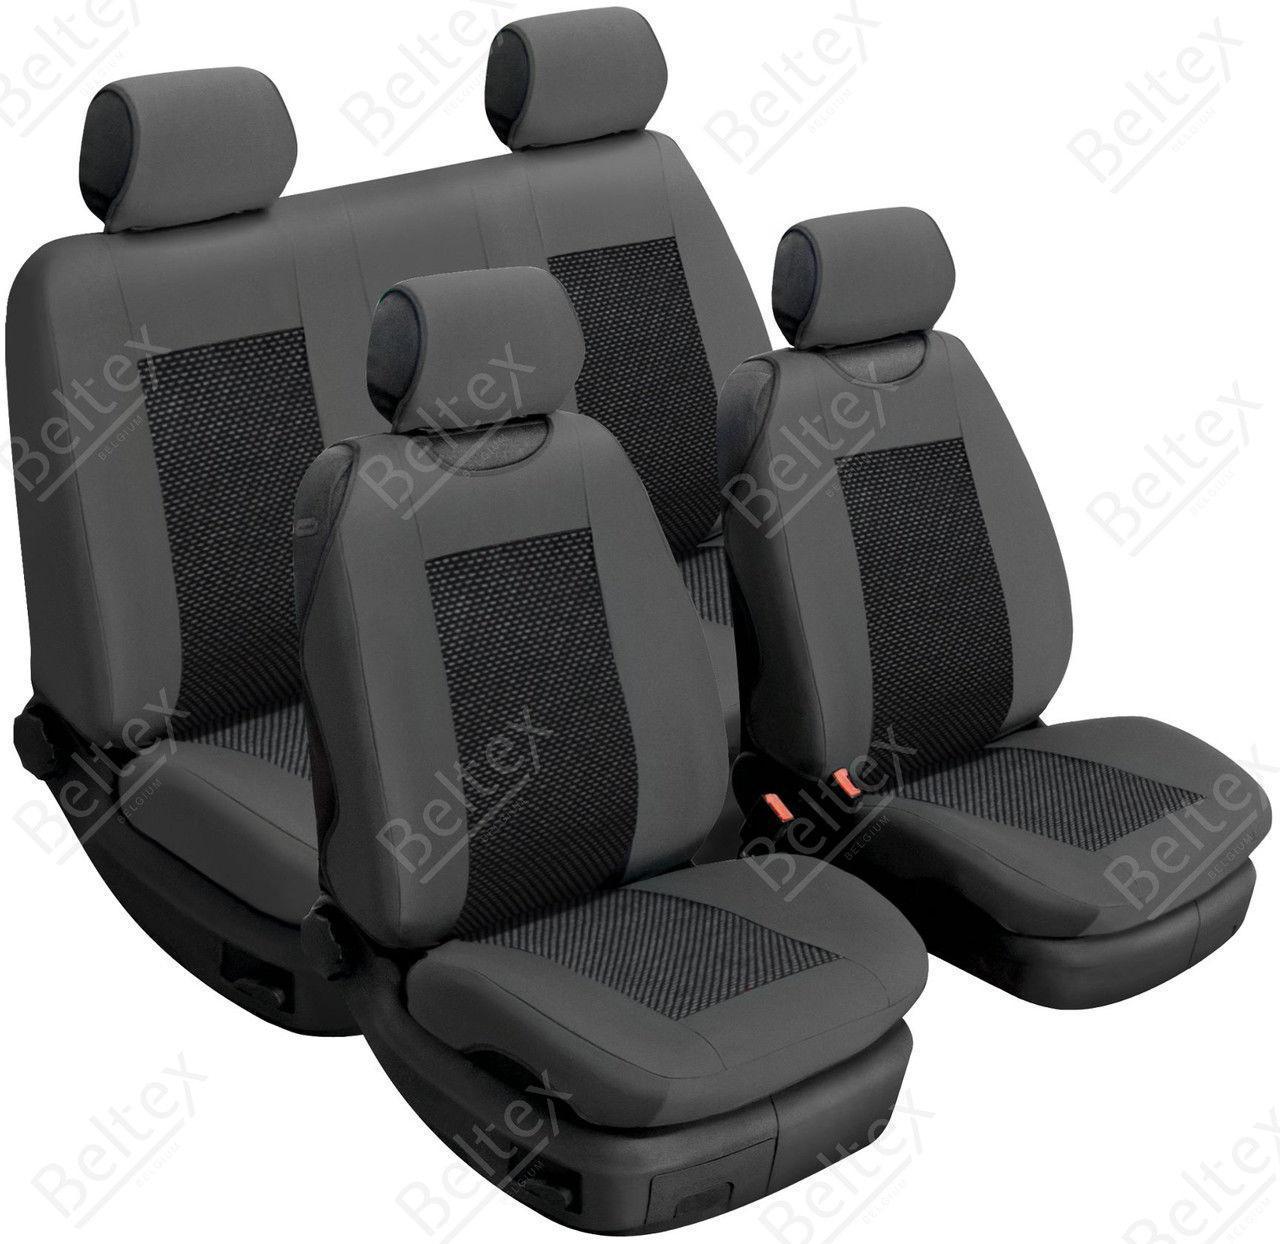 Майки/чехлы на сиденья Додж РАМ (Dodge RAM)